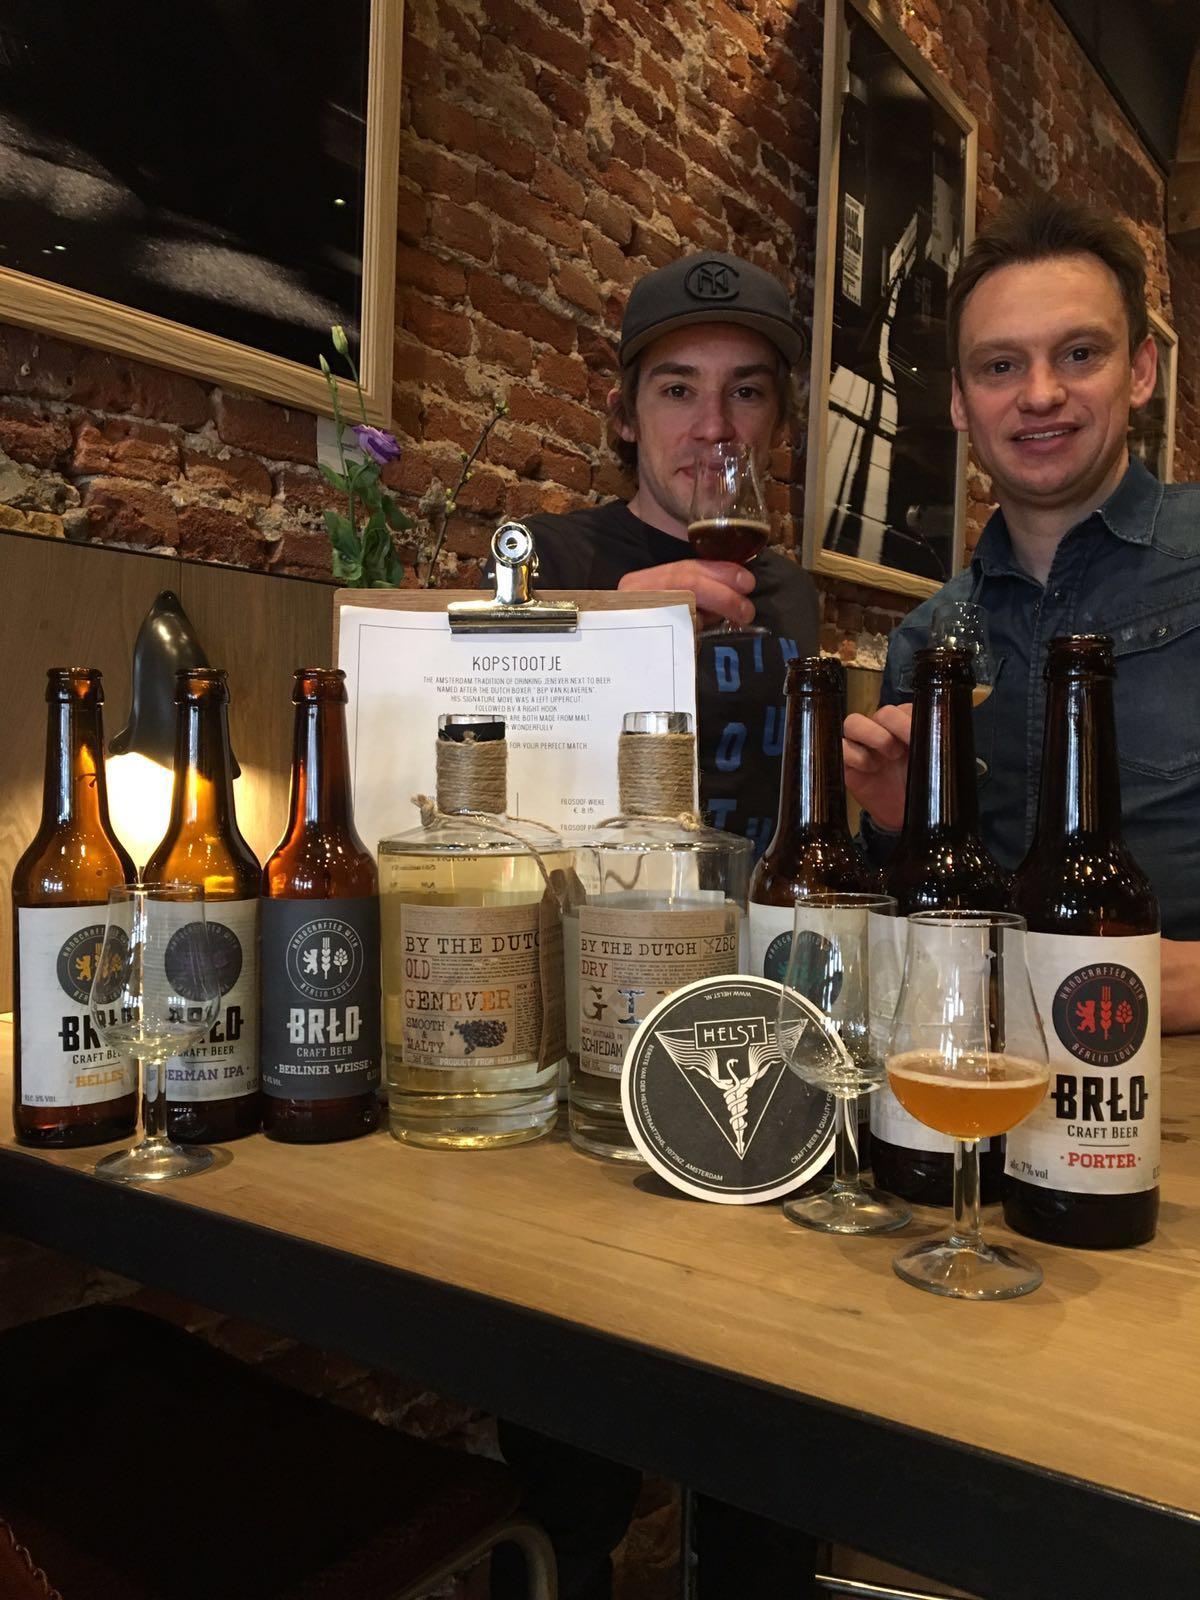 https://bierimport.nl/wp-content/uploads/2018/03/BierInport_beerpairing_Sem.jpg